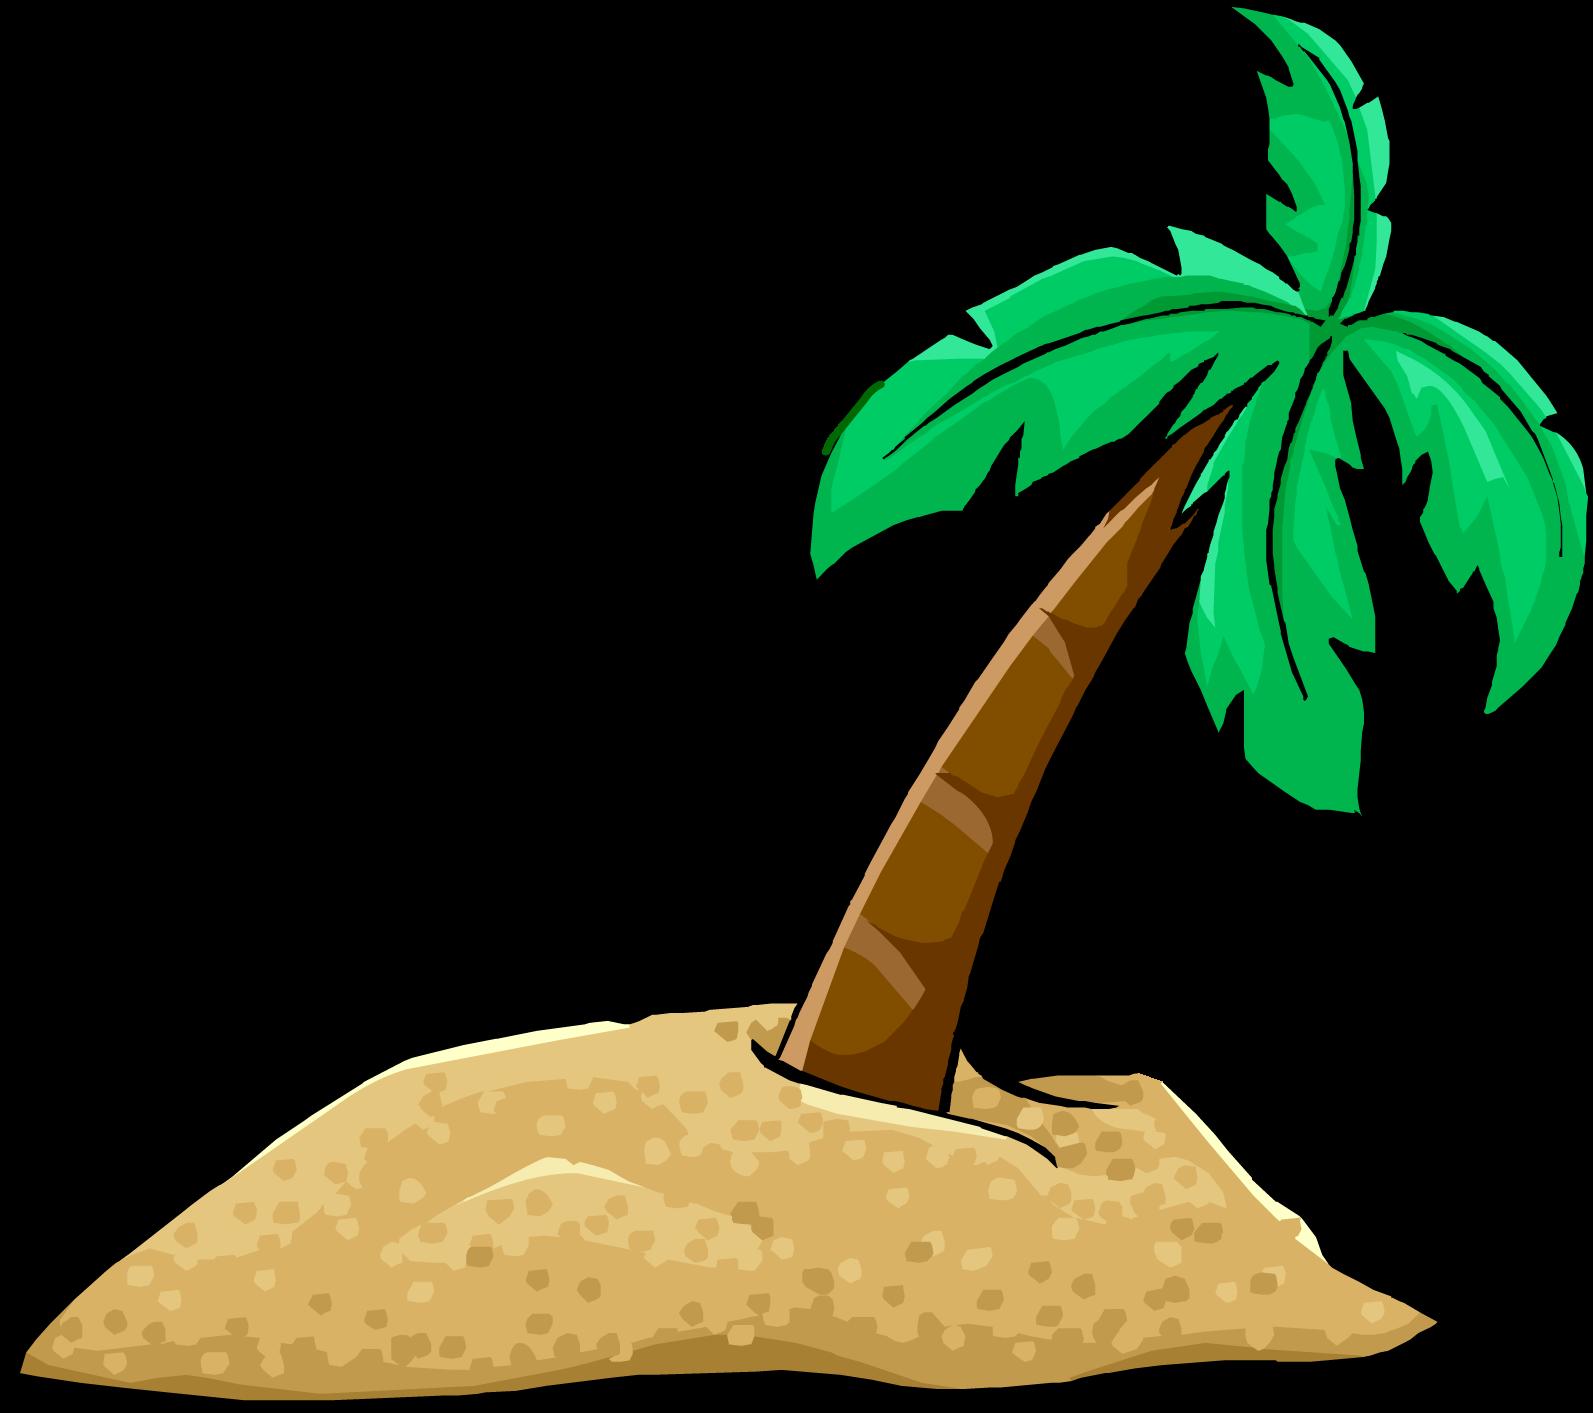 desert clipart deser